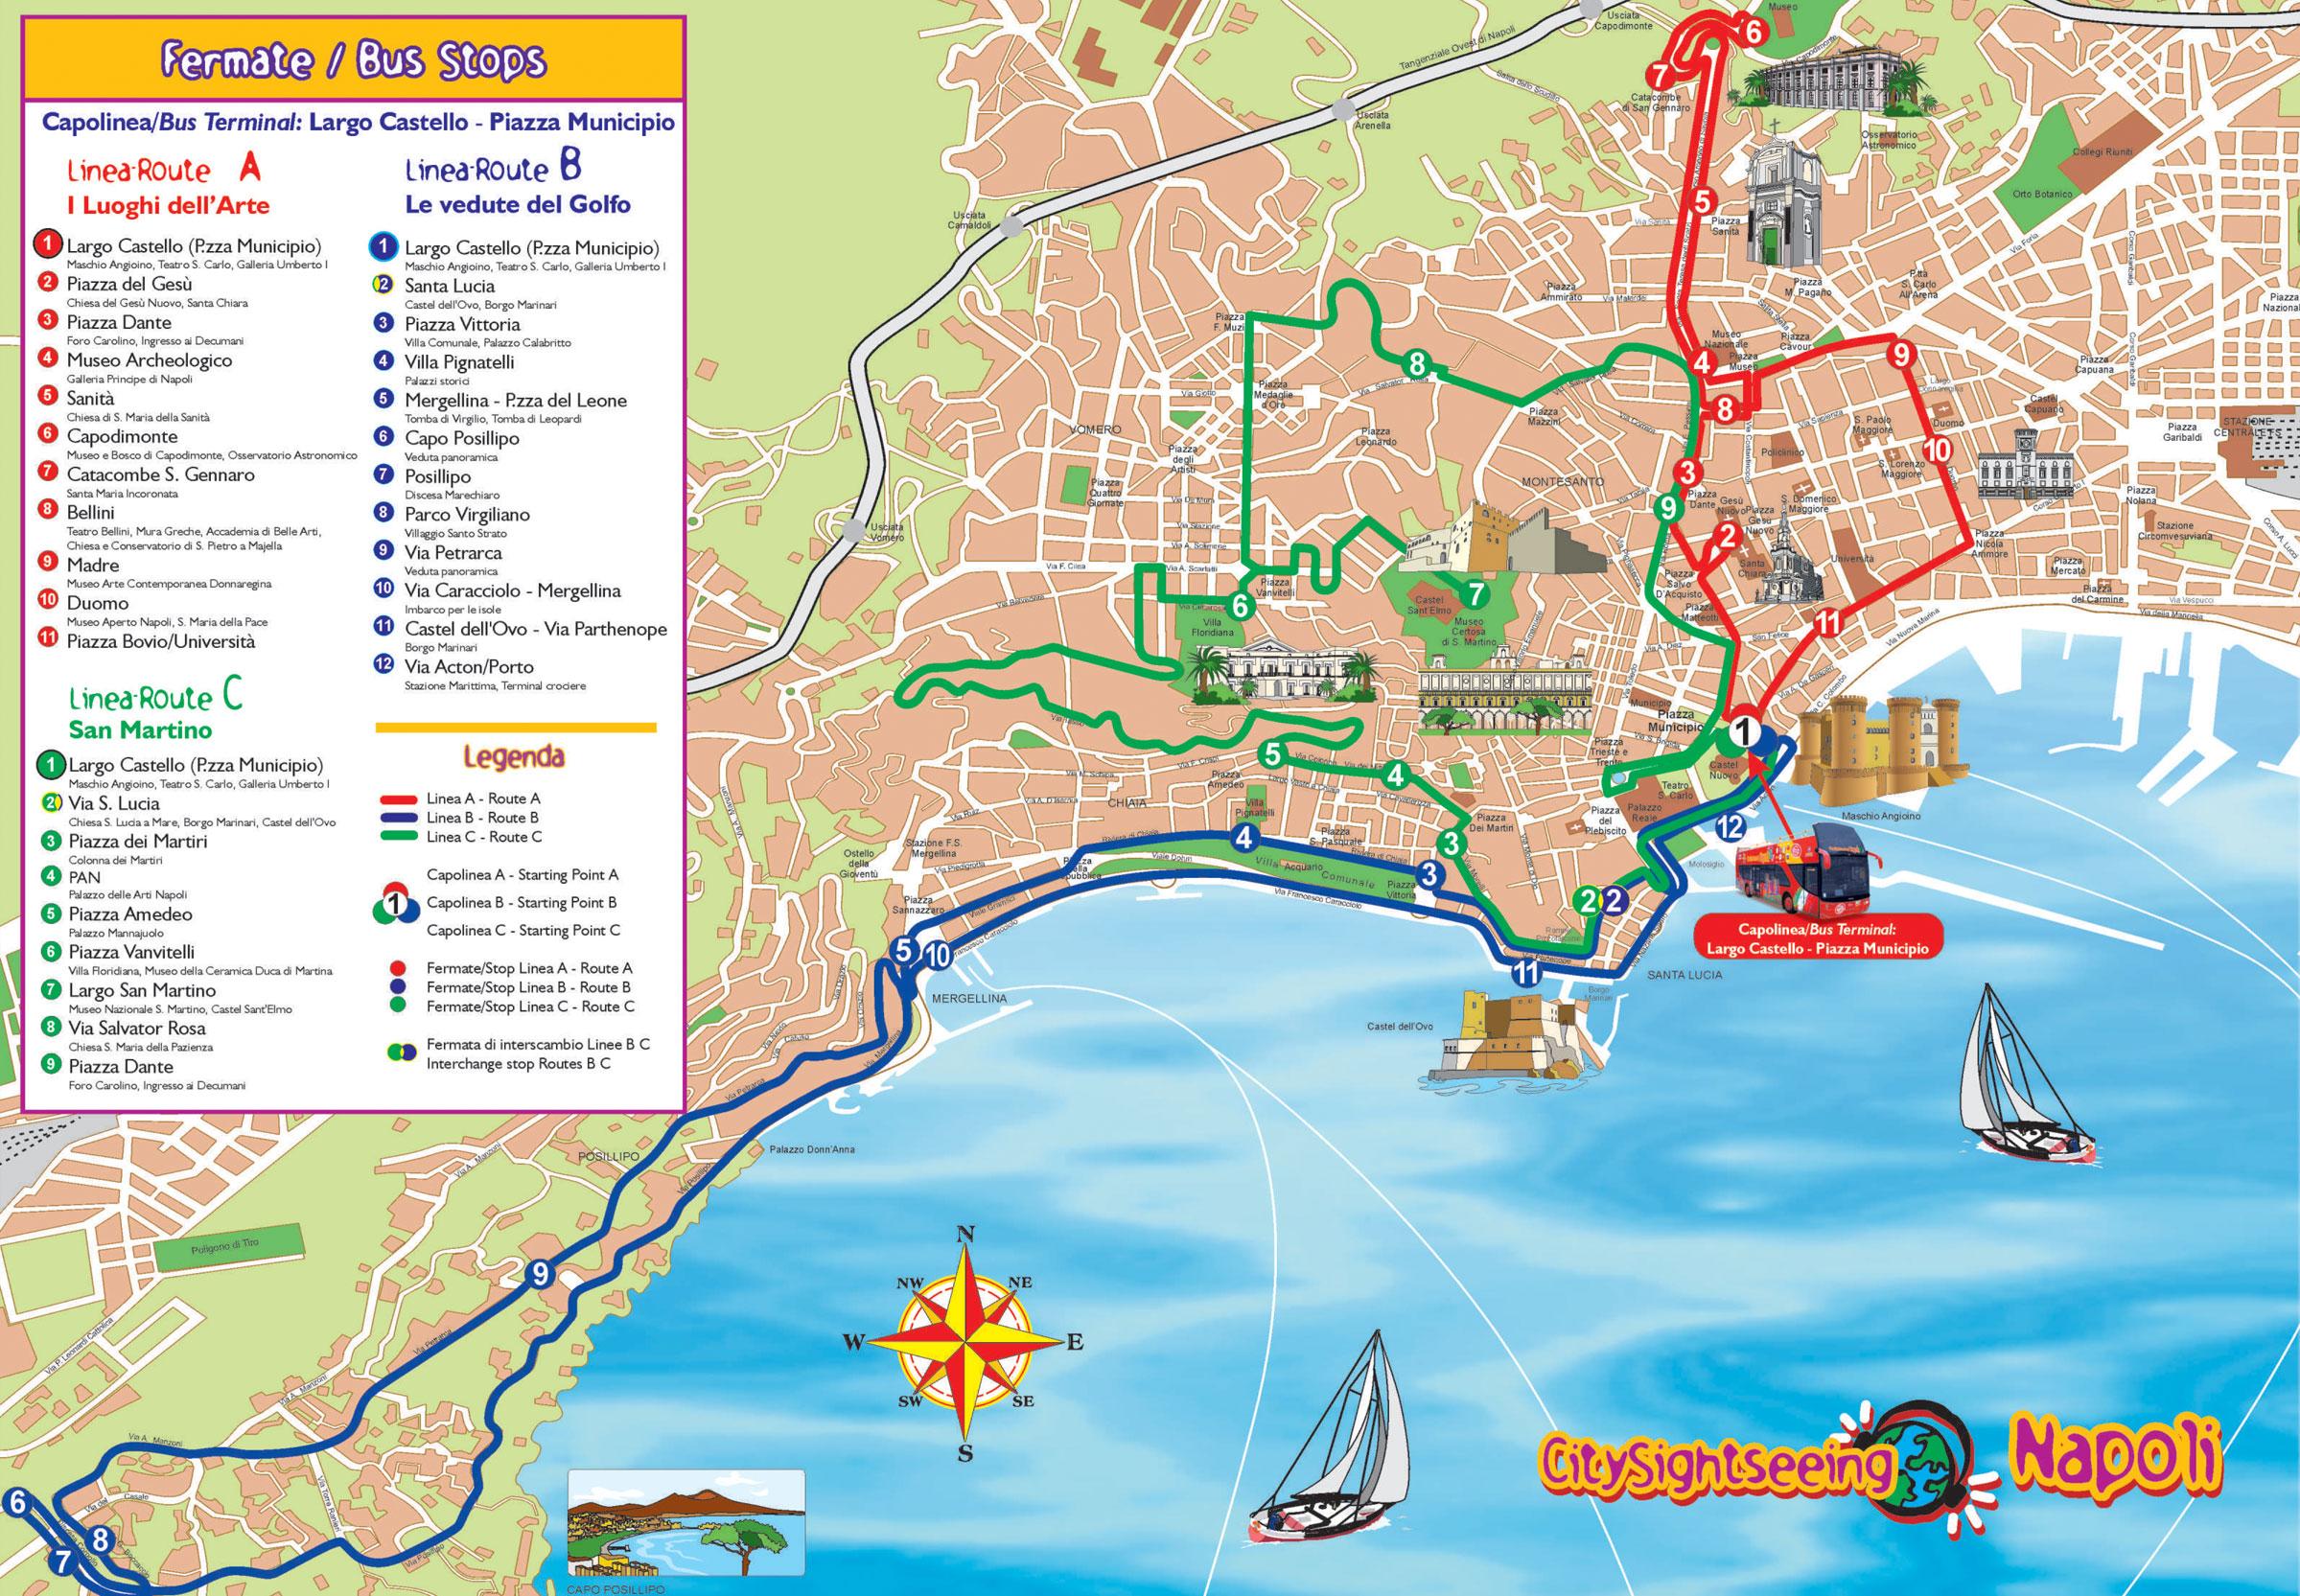 Naples Italy Cruise Port